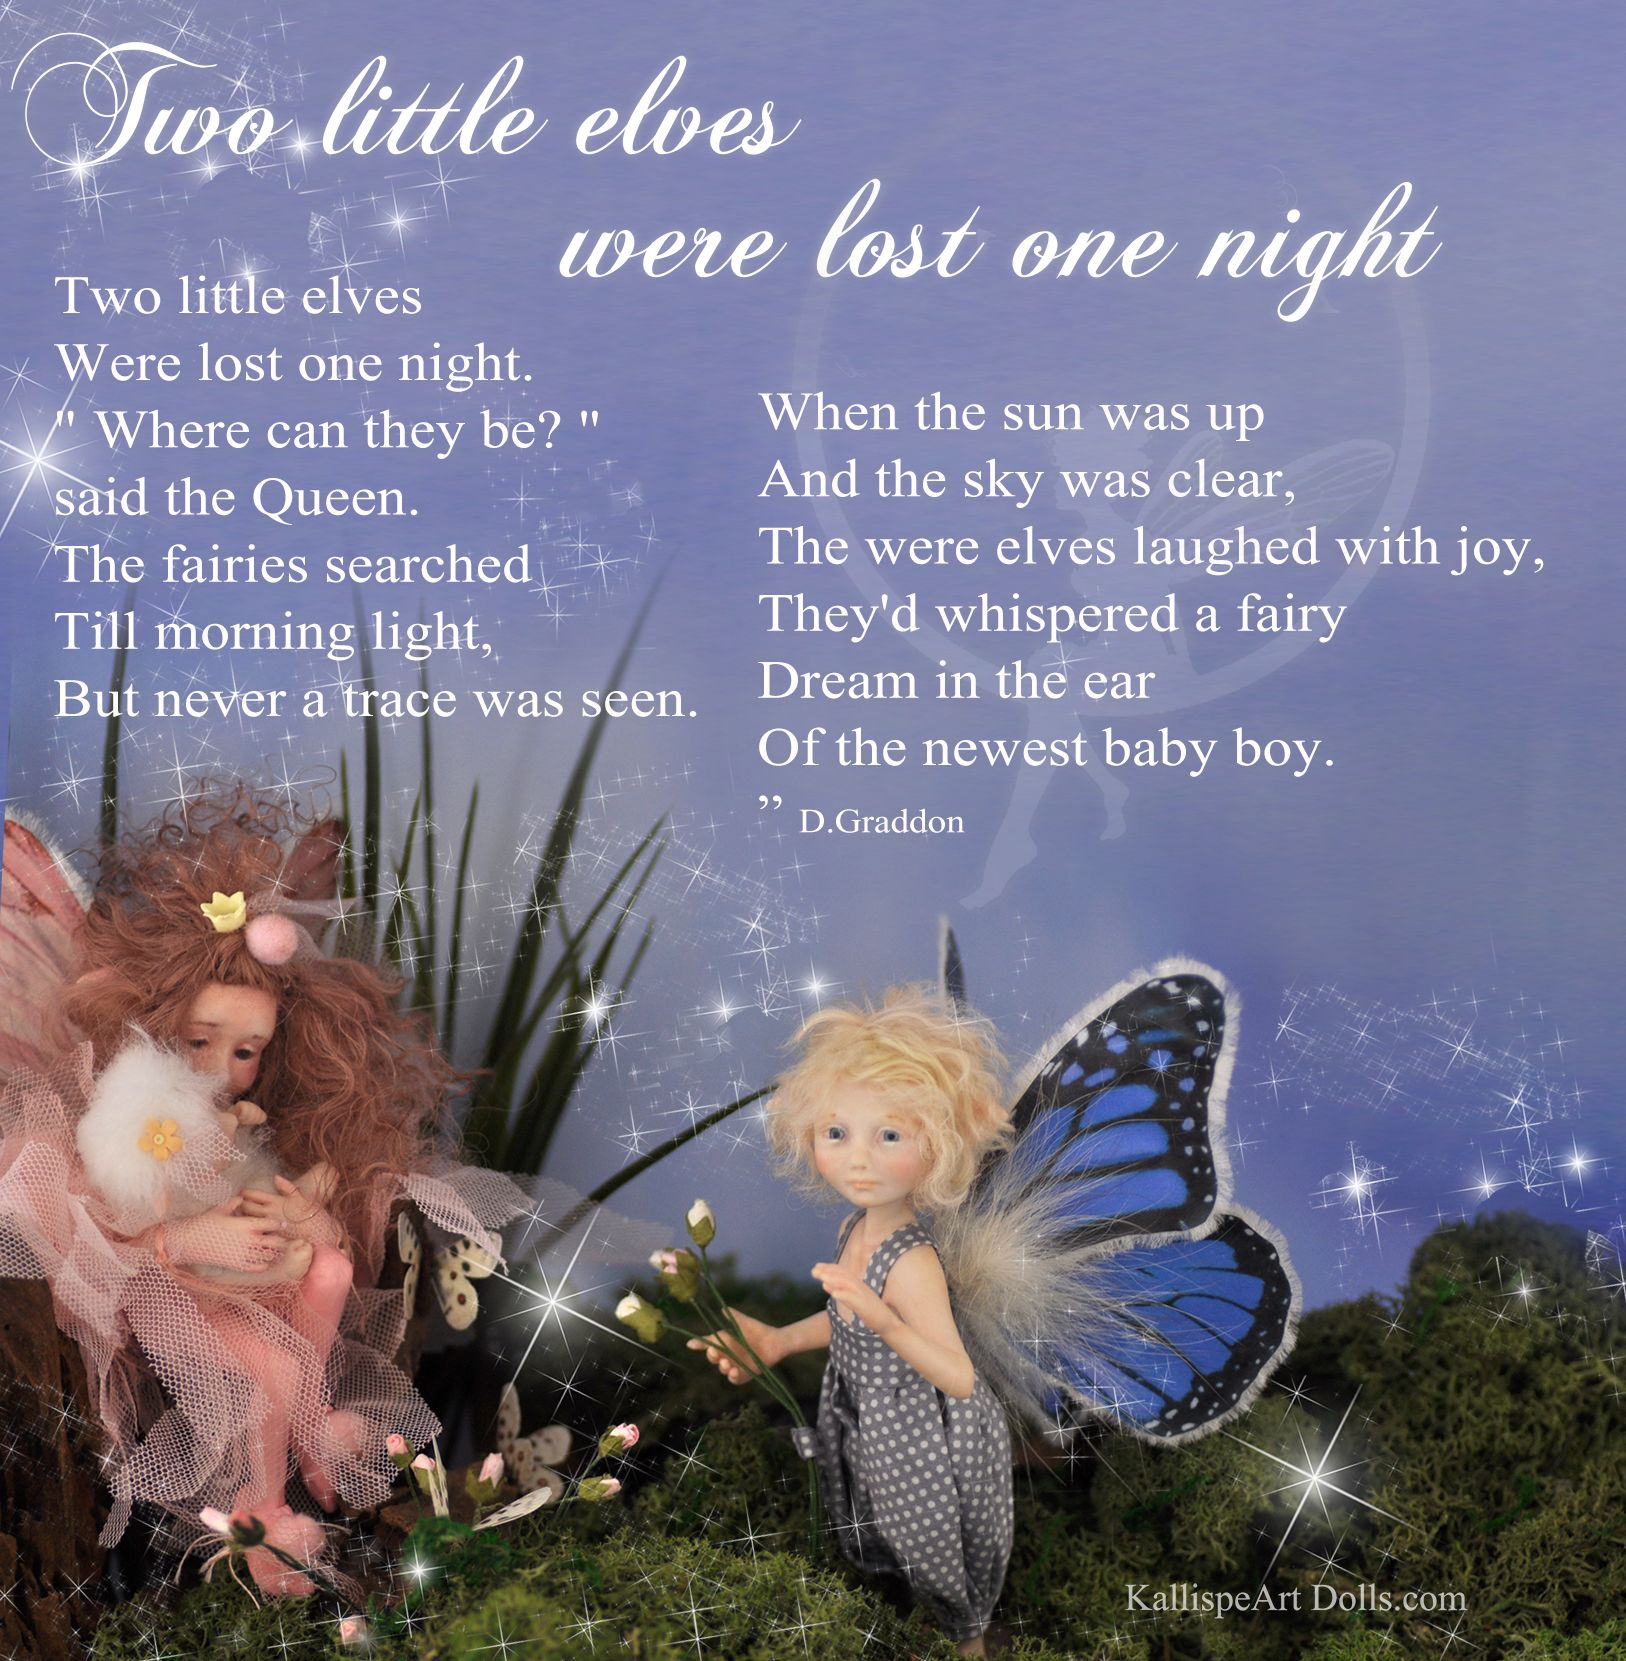 """""""Two little elves were lost one night"""" poem written by D.Graddon"""